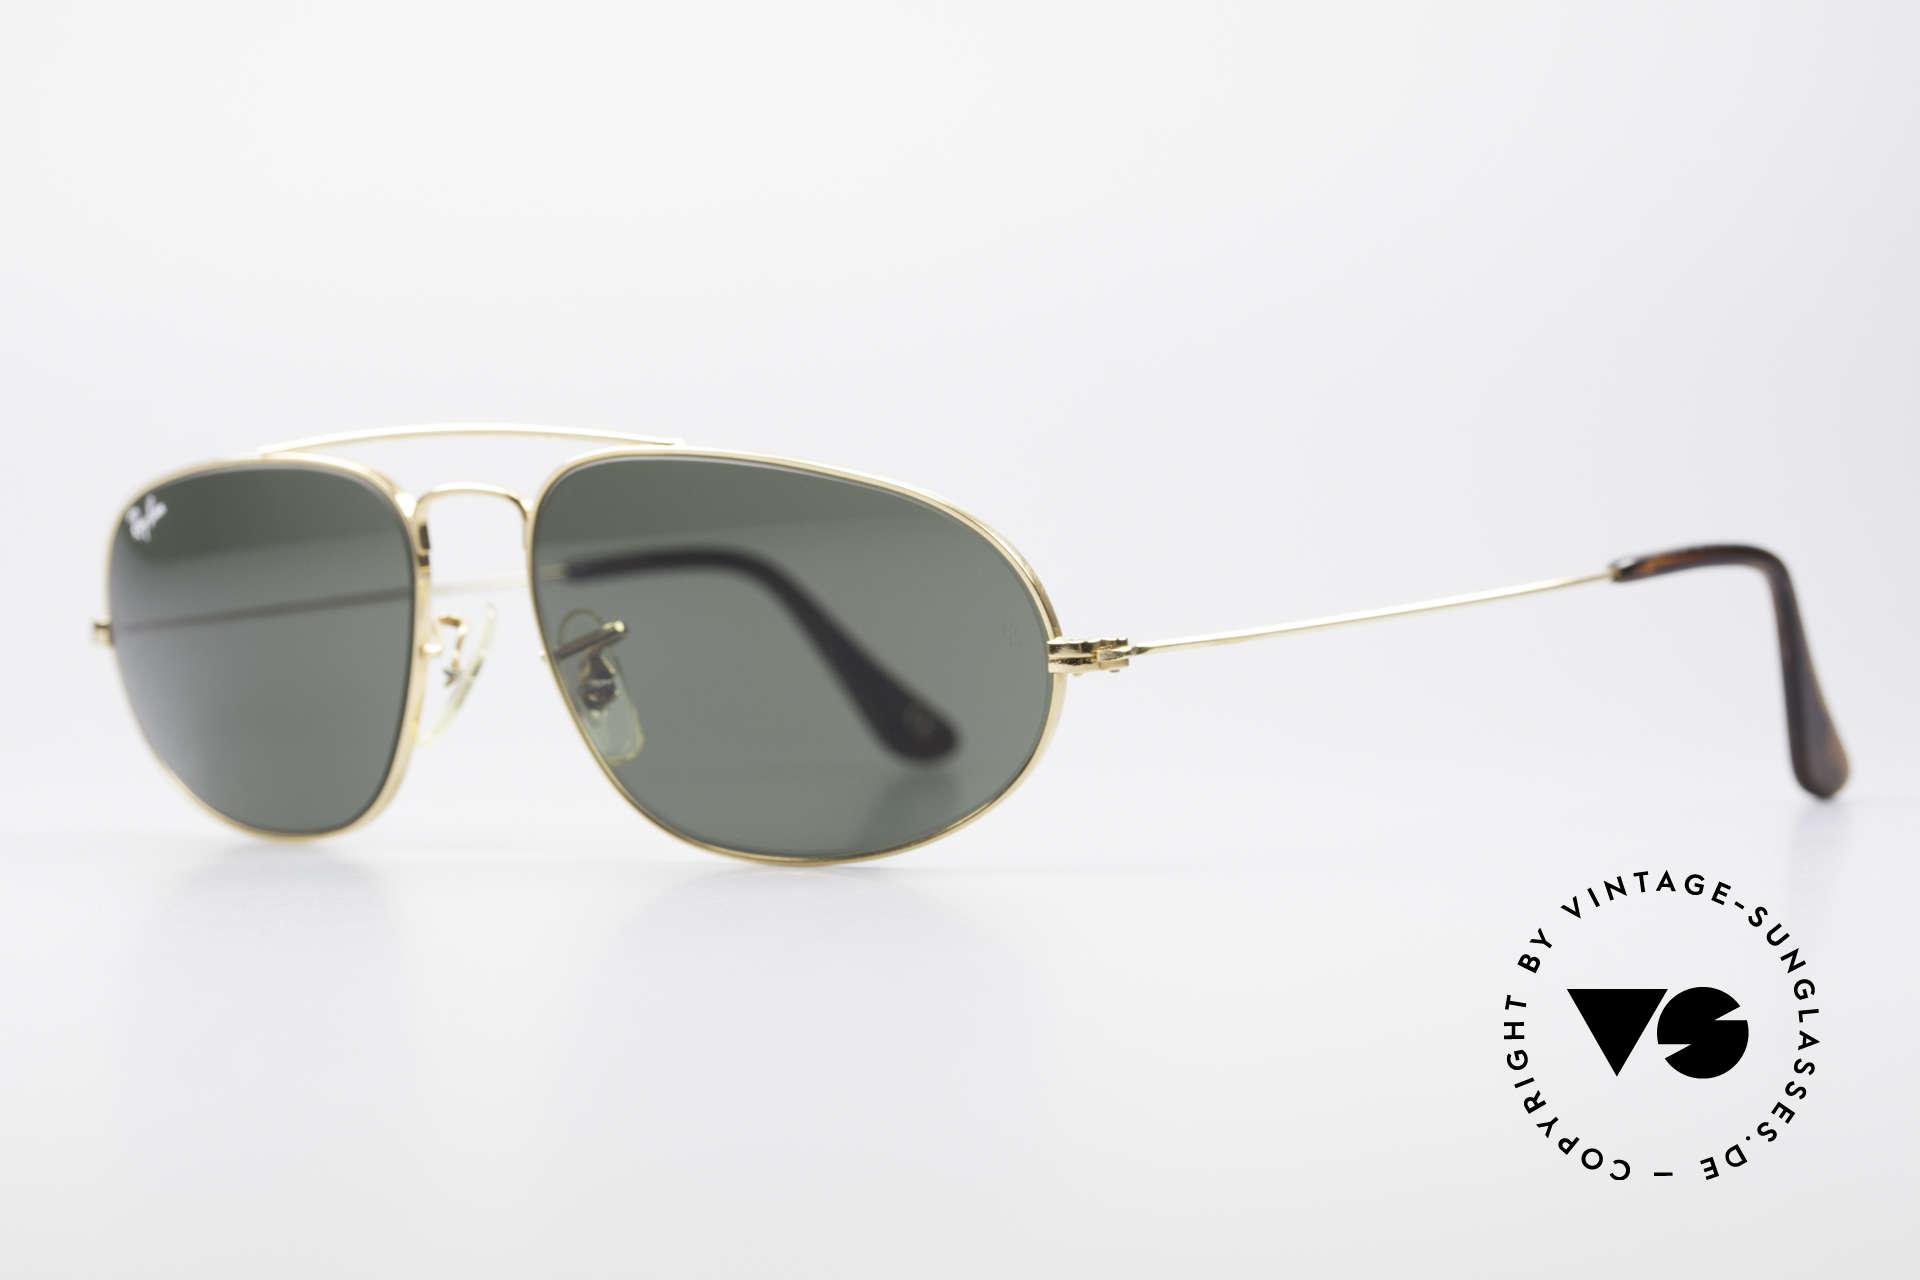 Ray Ban Fashion Metal 5 Sonnenbrille Aviator Style, hochwertige Bausch&Lomb Mineralgläser (B&L), Passend für Herren